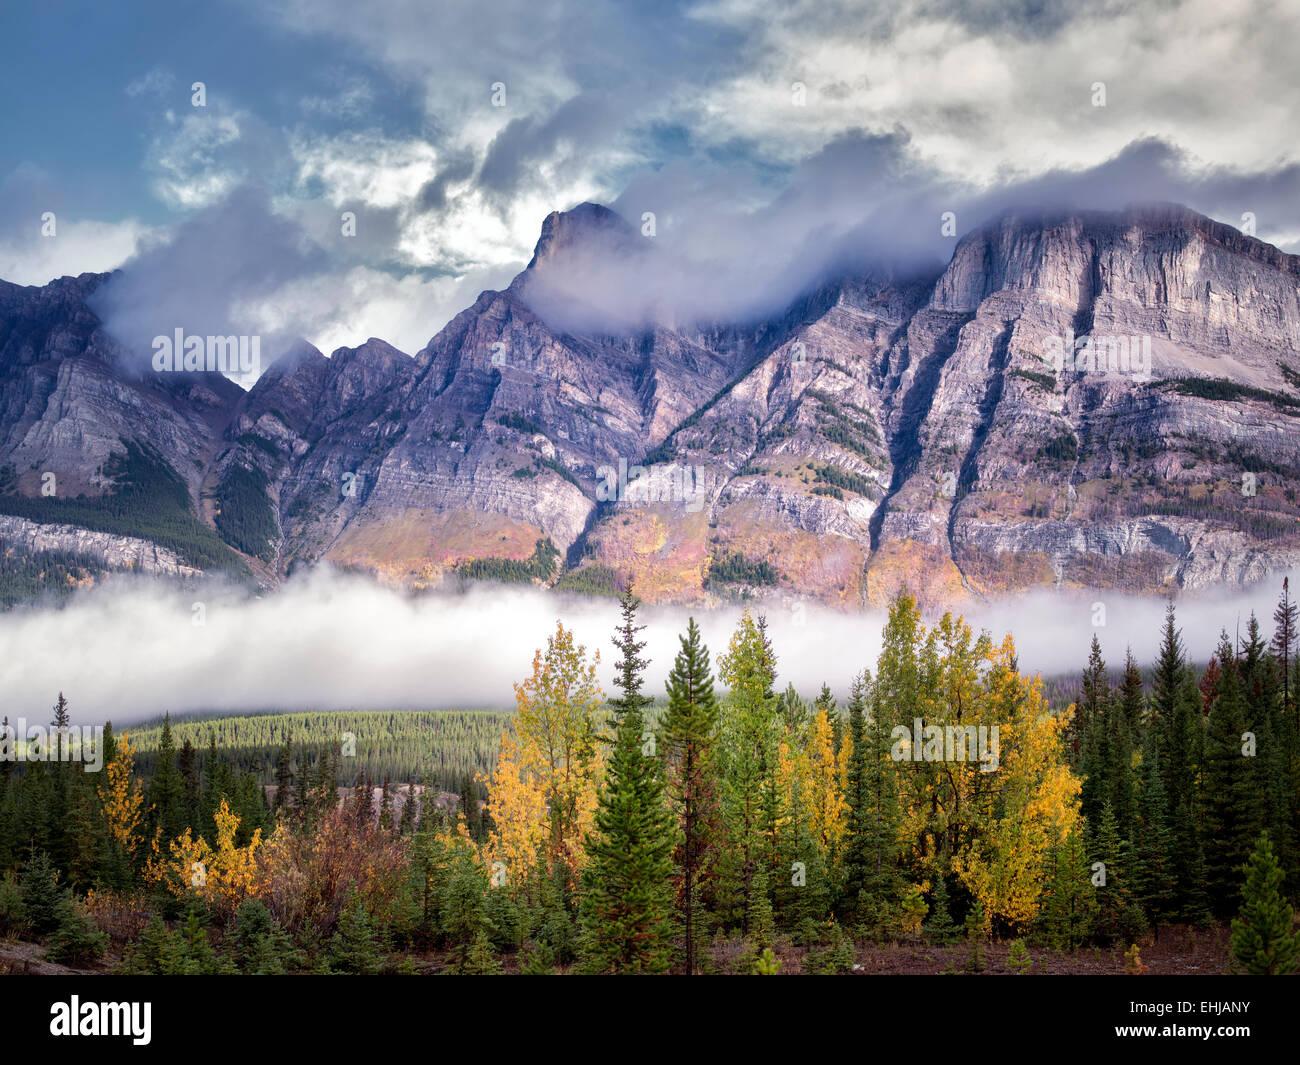 Le brouillard et les nuages bas aux couleurs de l'automne. Le parc national Banff. L'Alberta, Canada Photo Stock